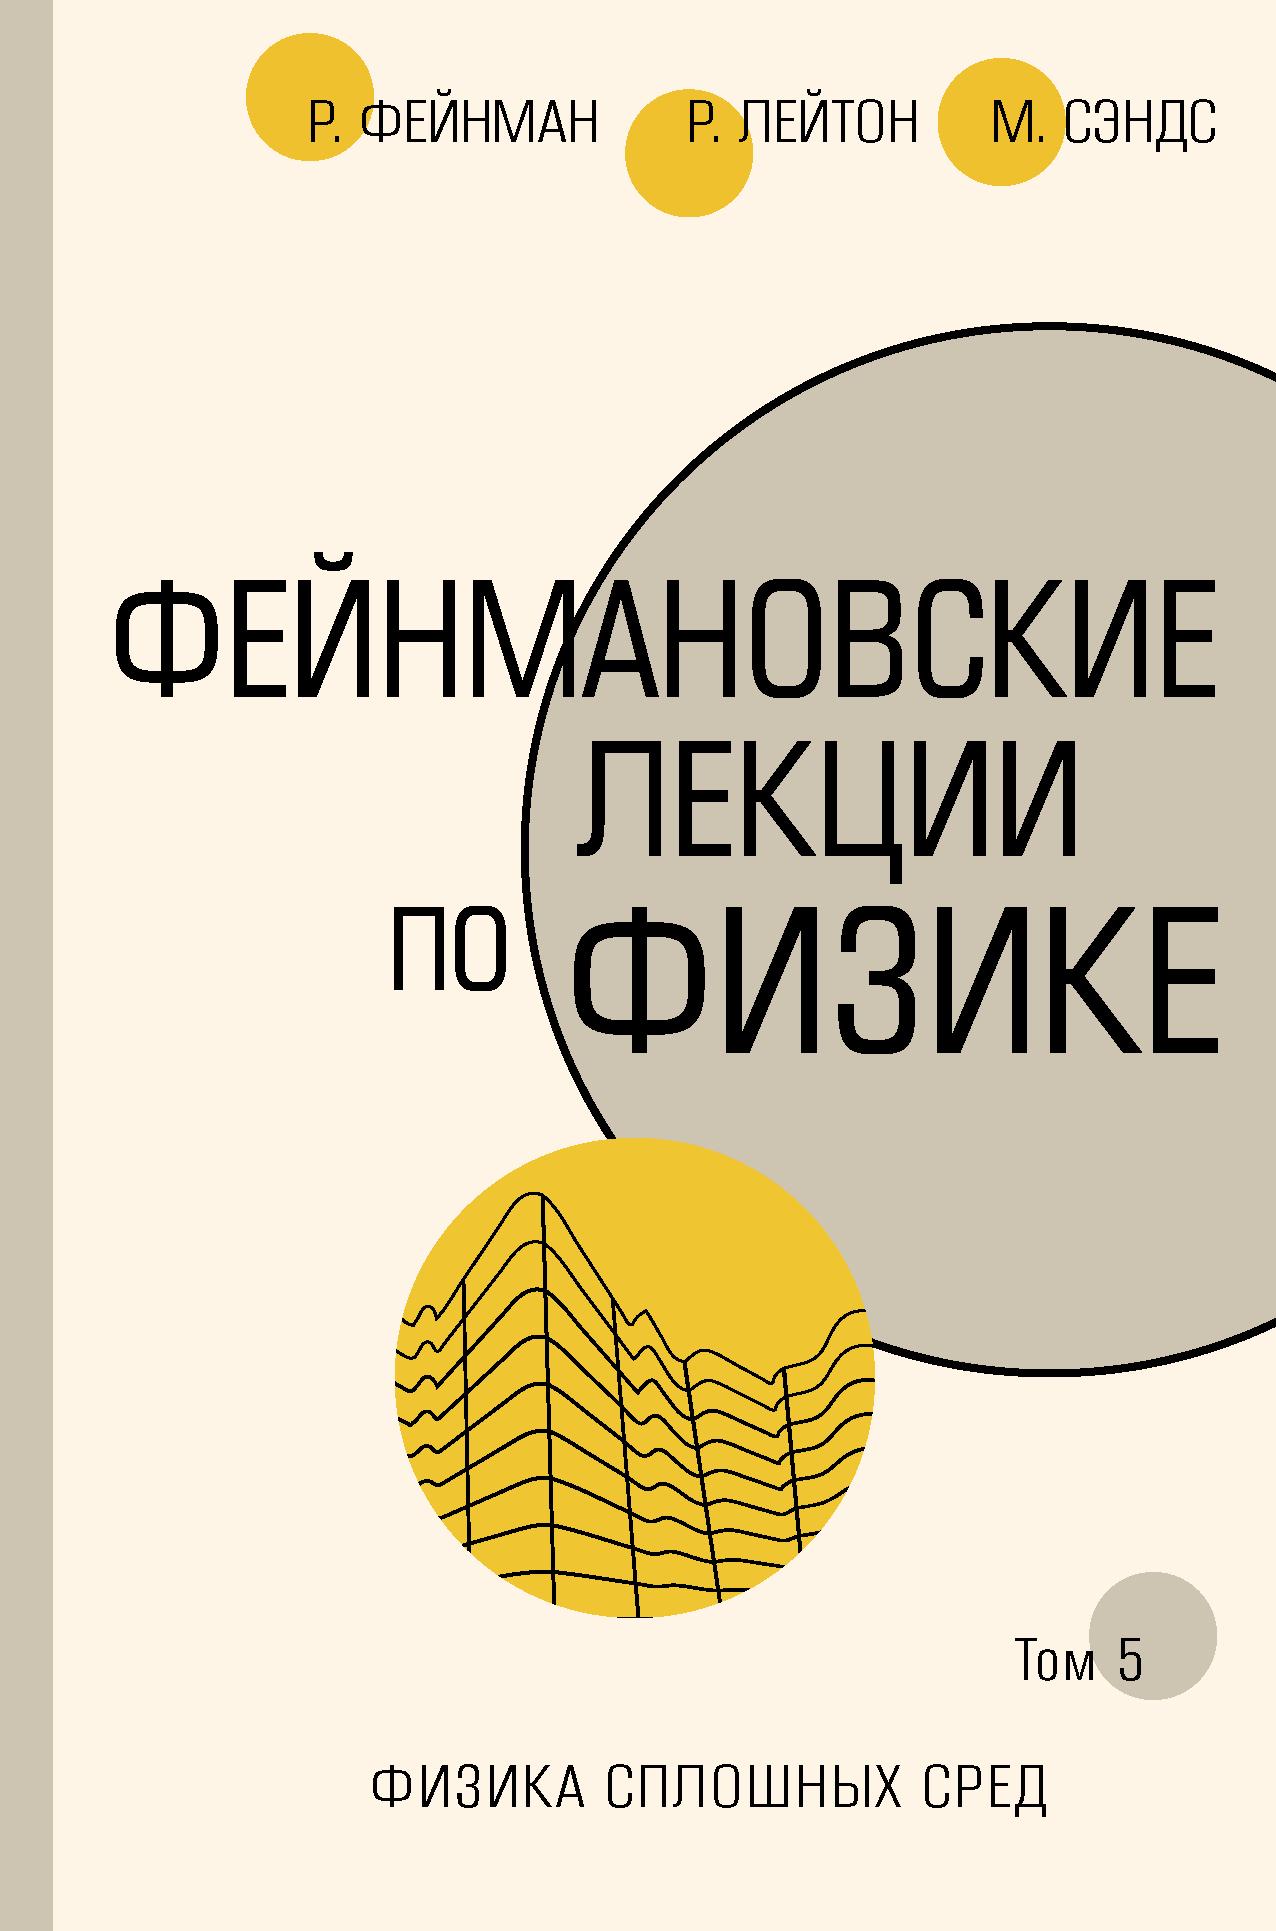 Купить книгу Фейнмановские лекции по физике. Т. V (7), автора Мэтью Сэндса